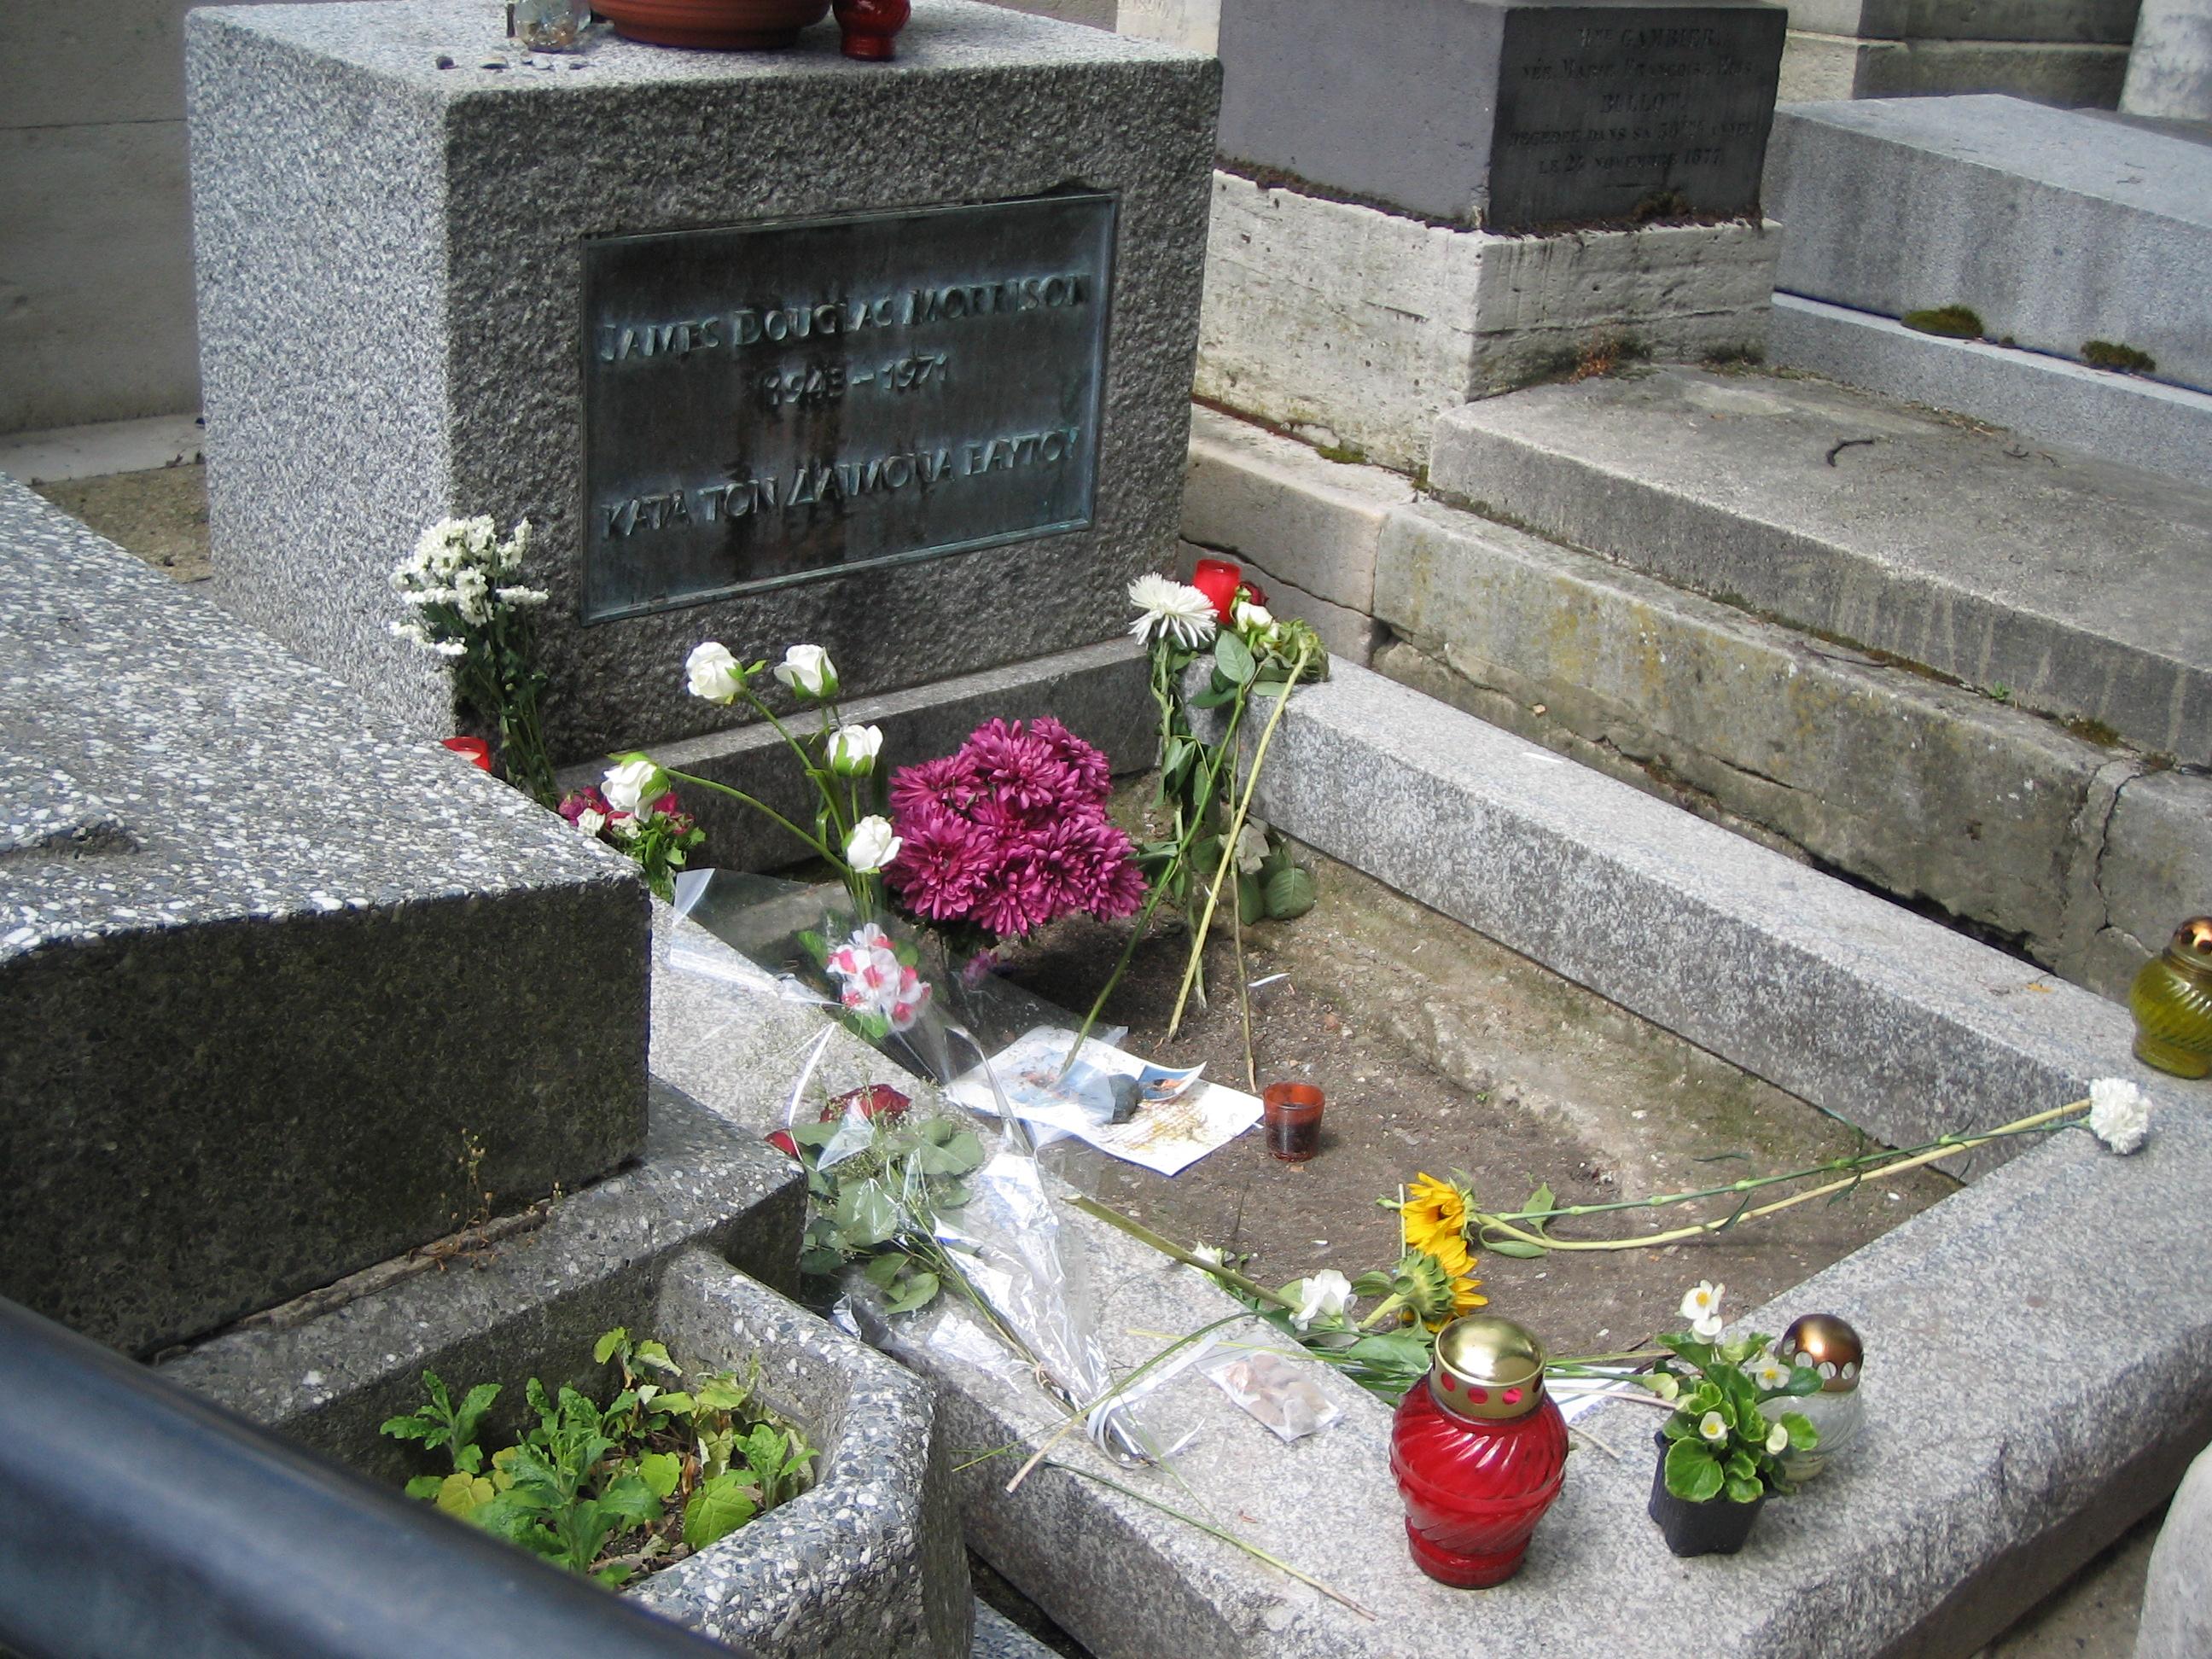 Jim Morrison Grave Site